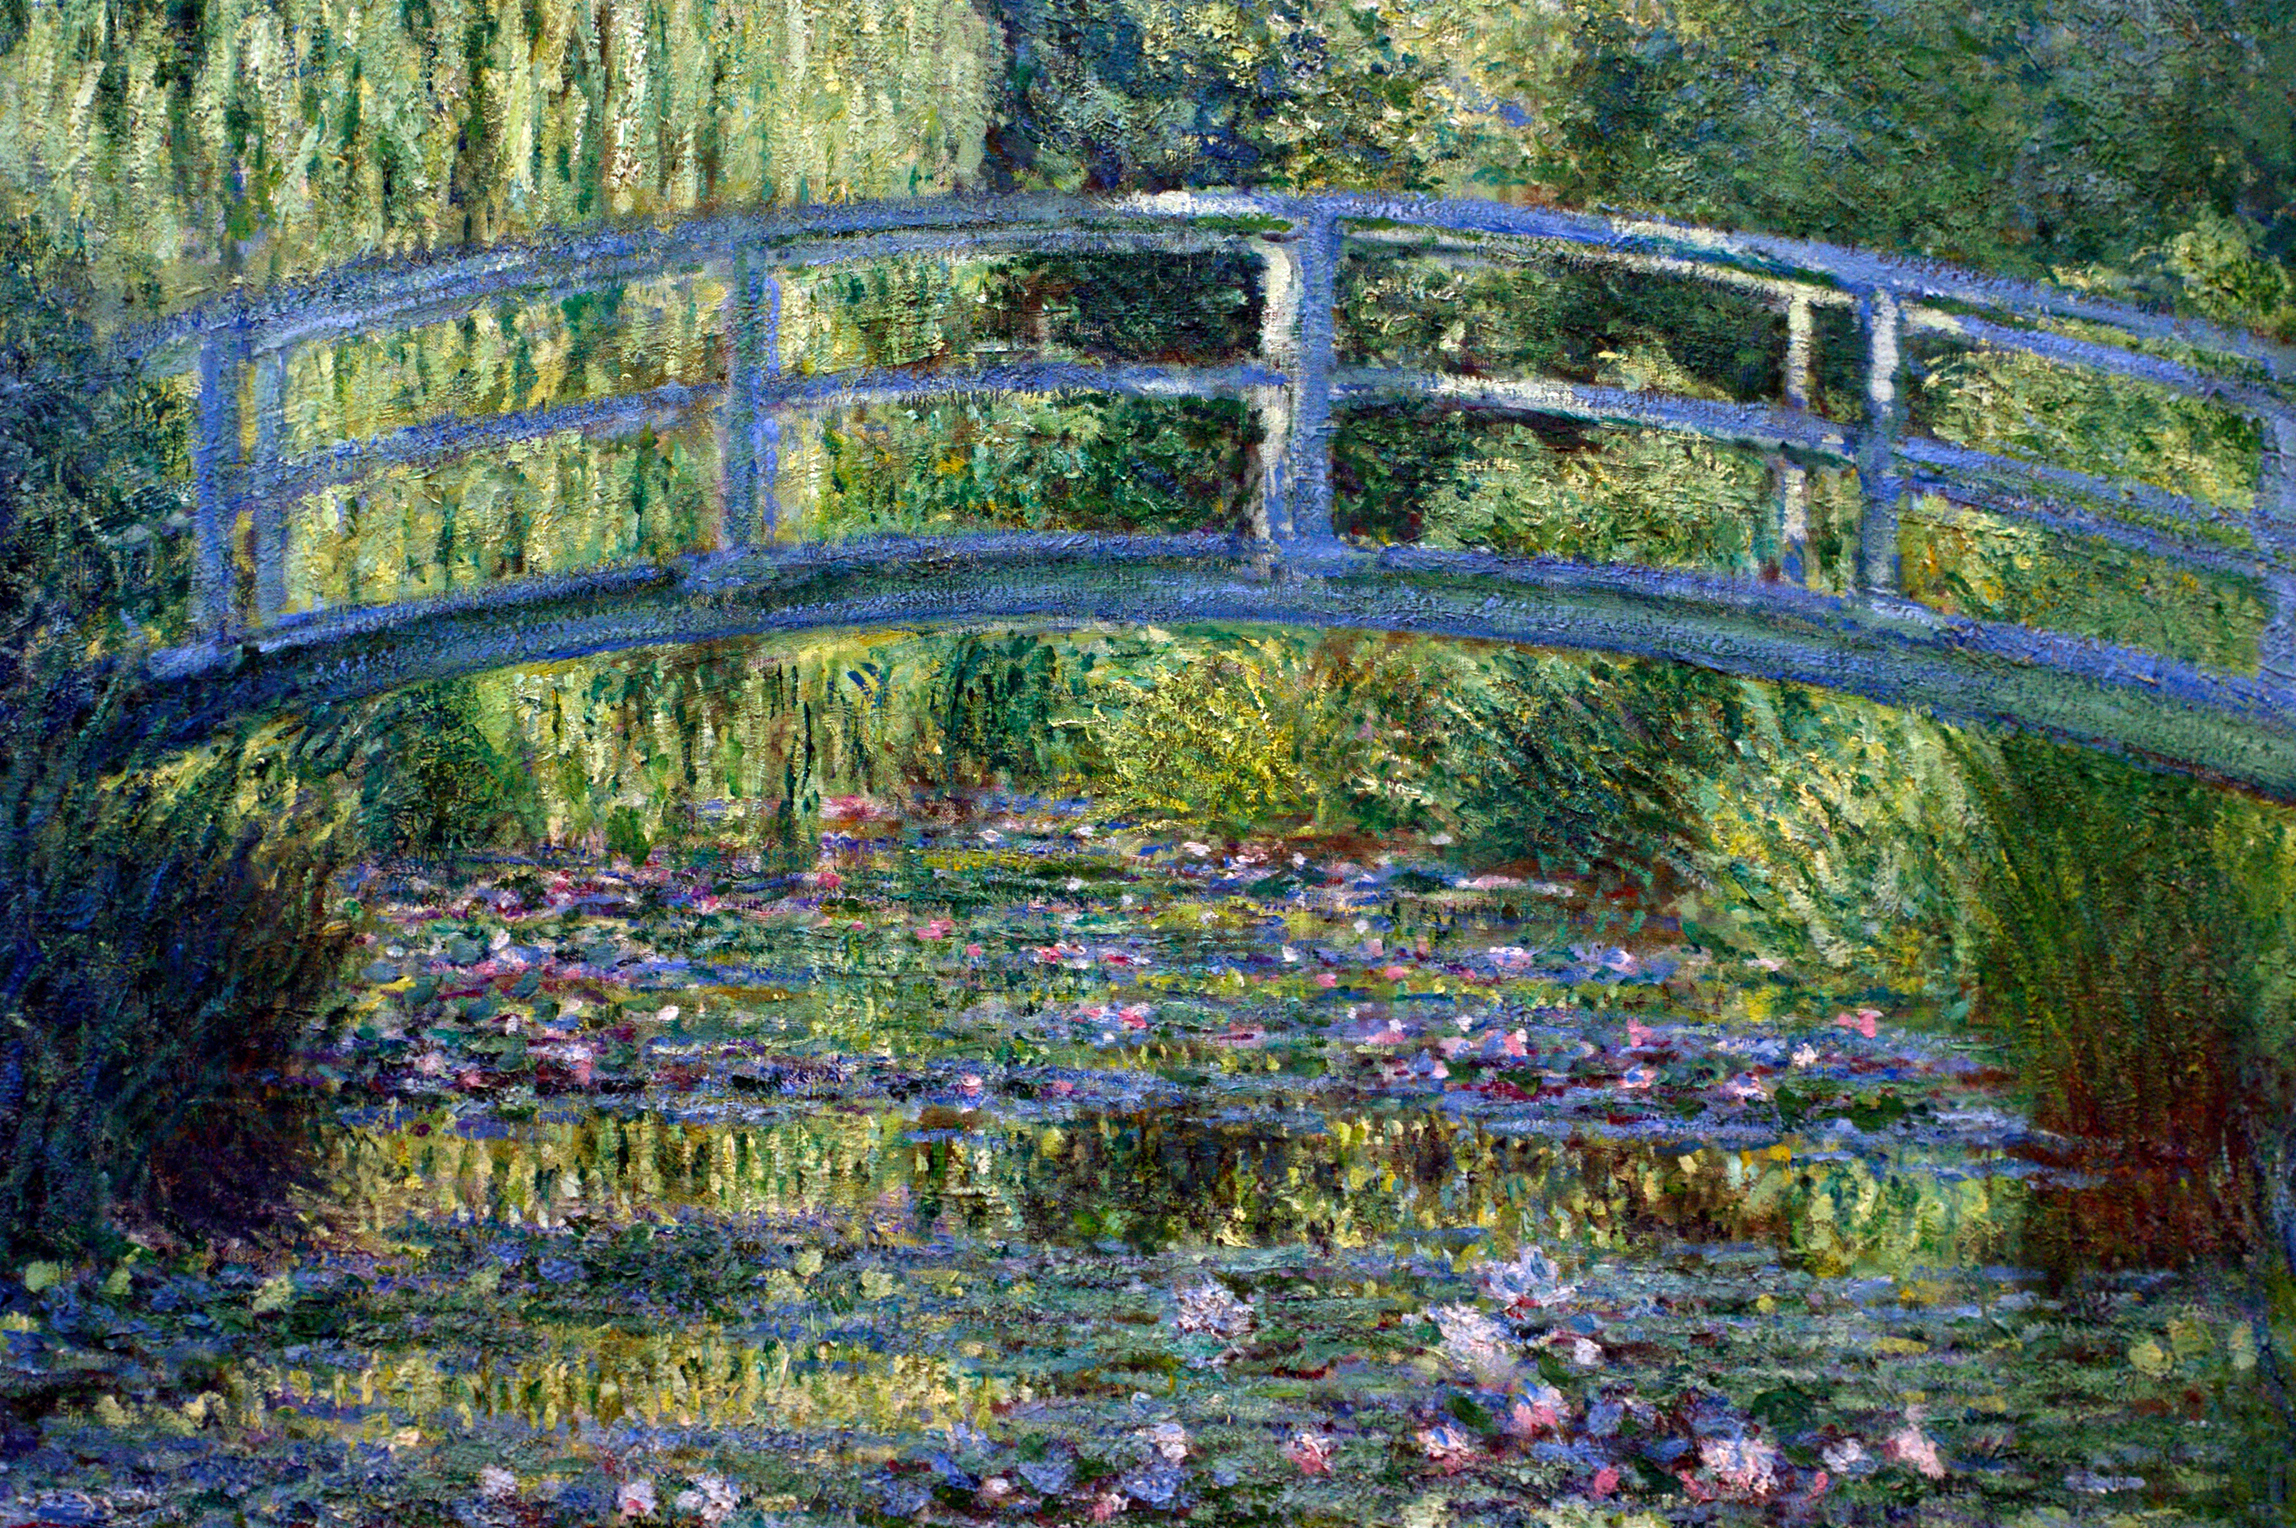 L'univers du peintre Monet et de la ville de Giverny dans un roman de Michel Bussi